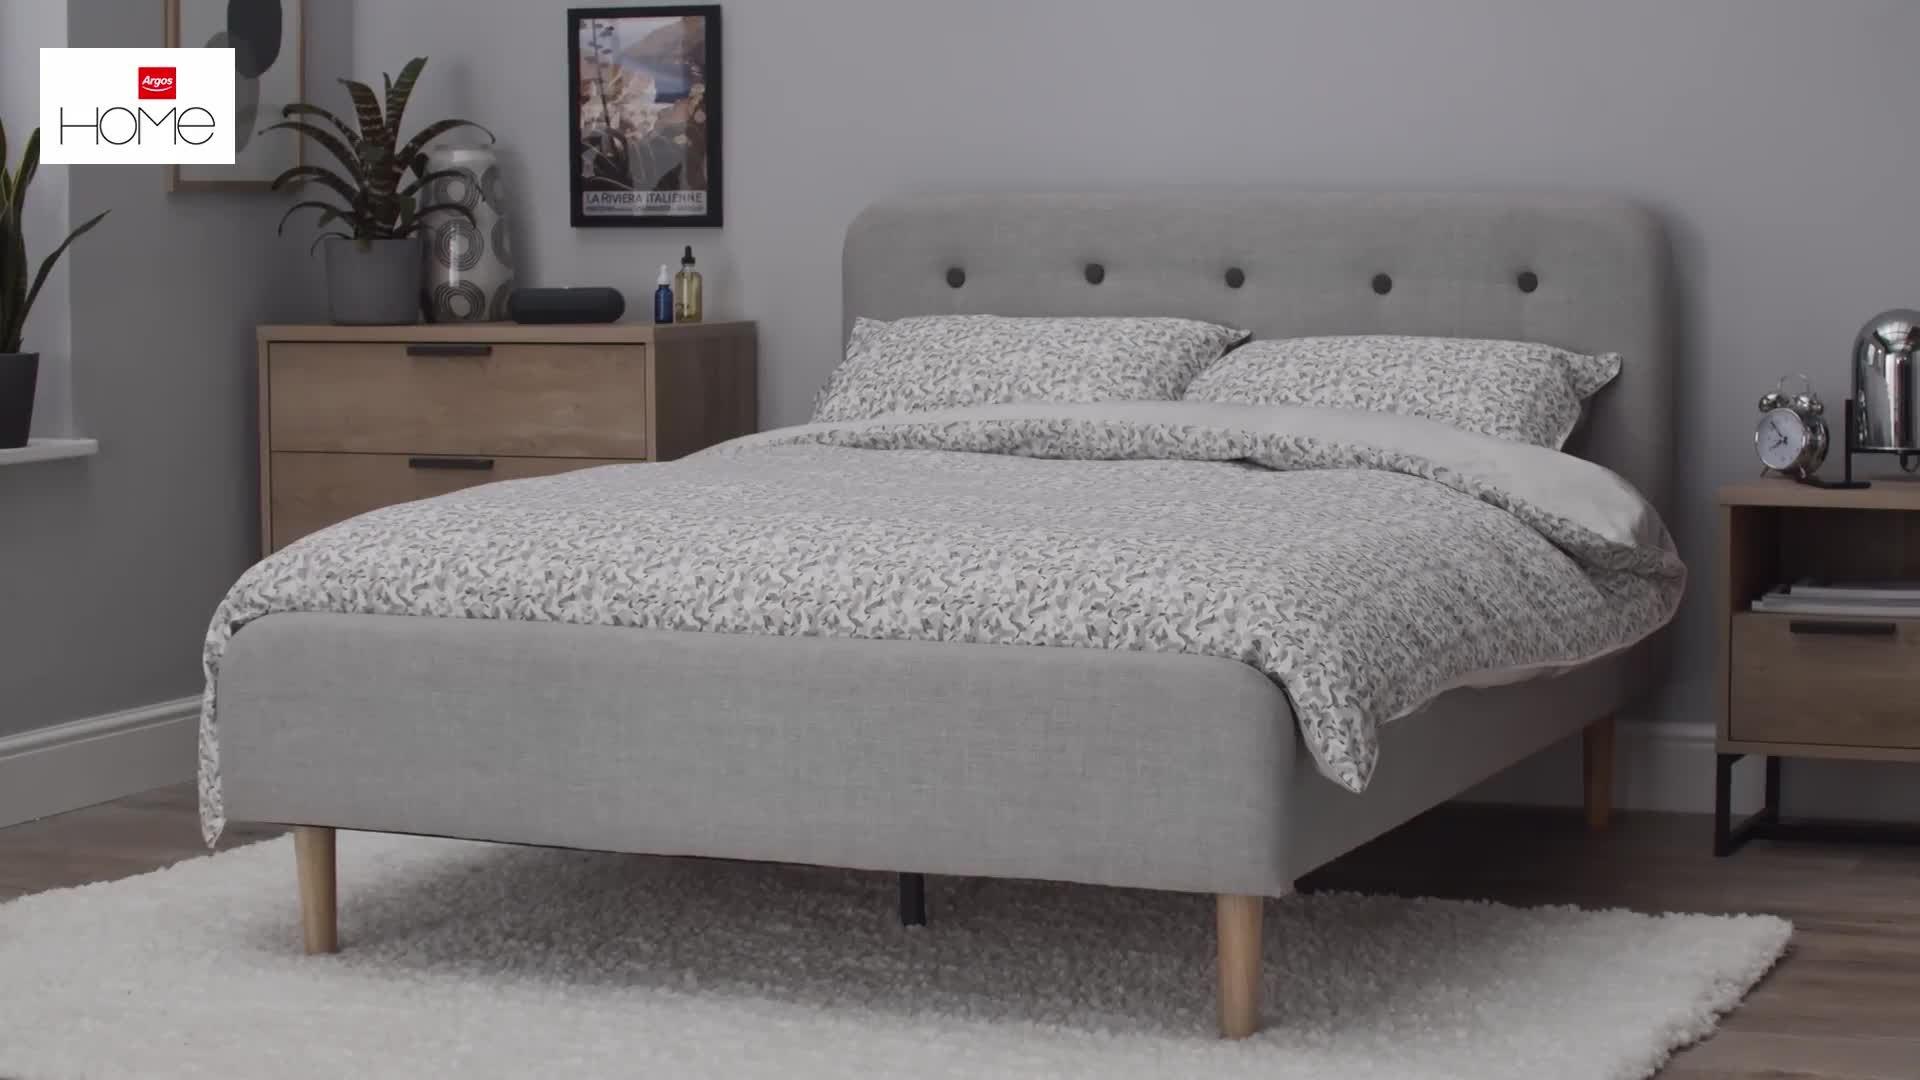 Buy Argos Home Aspen Double Bed Frame - Grey  Bed frames  Argos